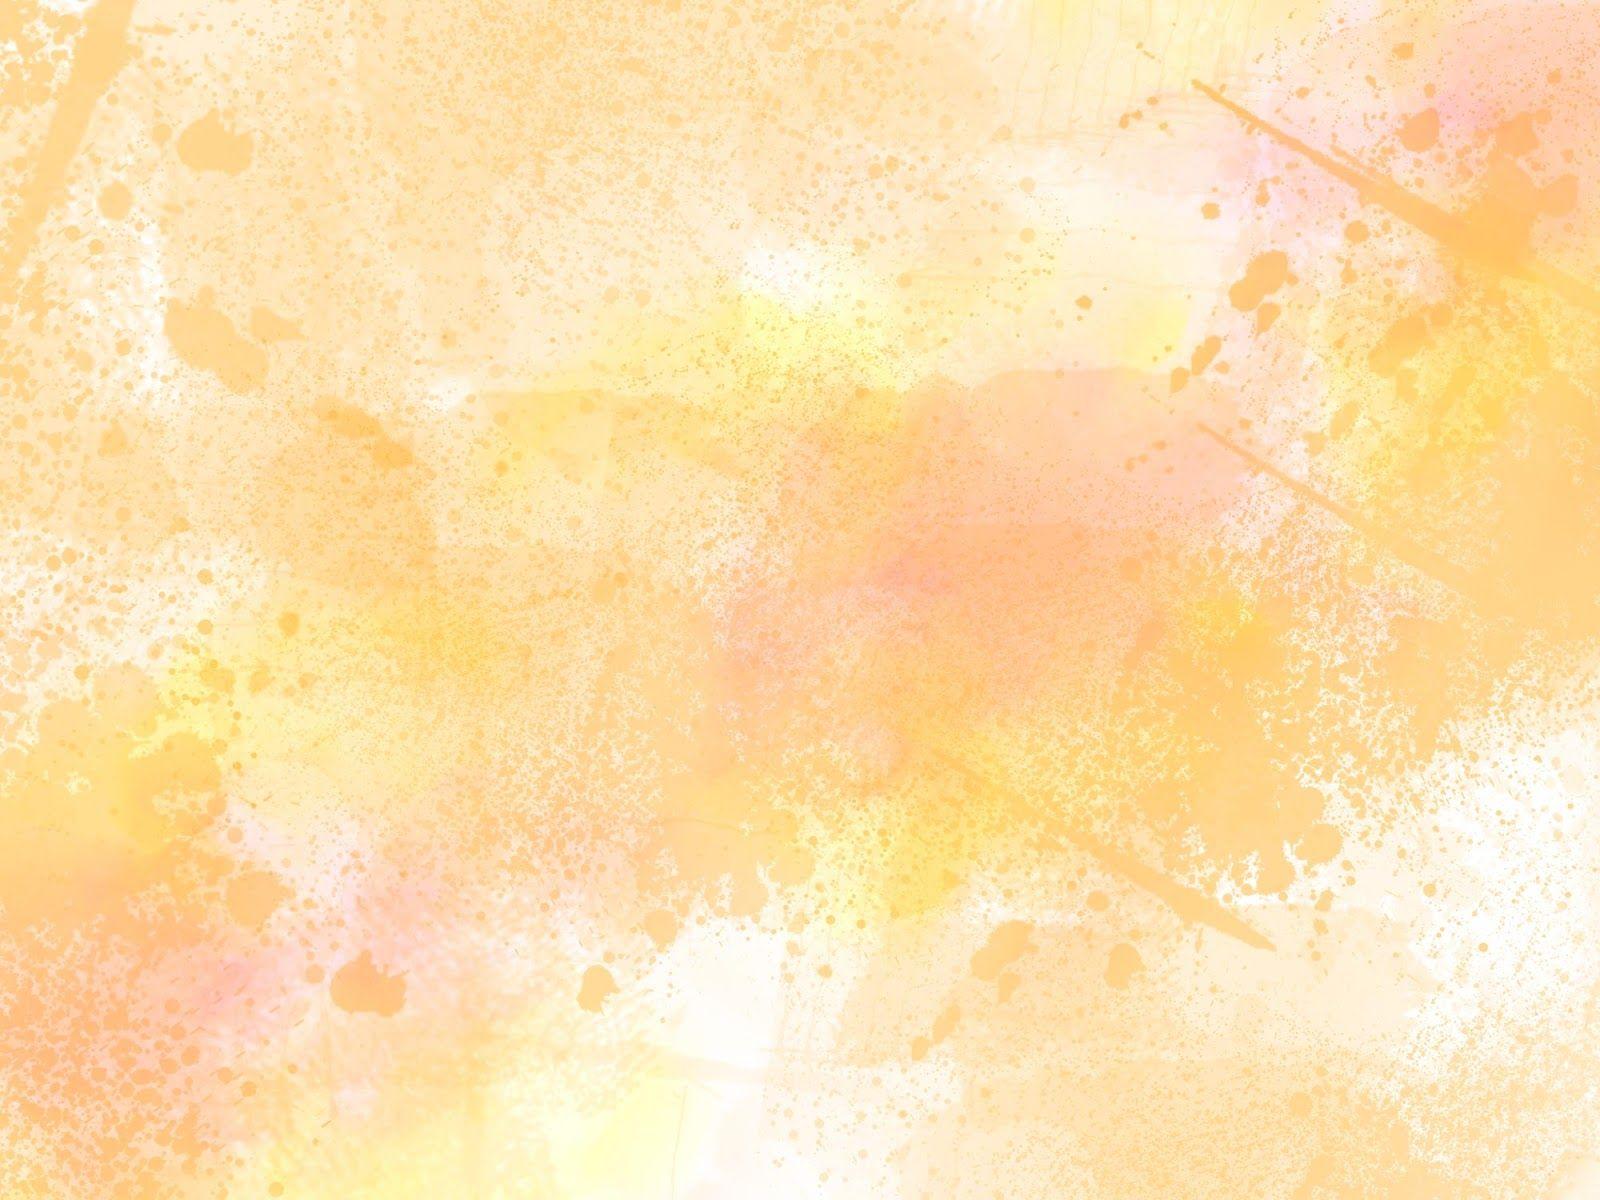 Wallpaper Watercolor Designs Watercolor Background Watercolor